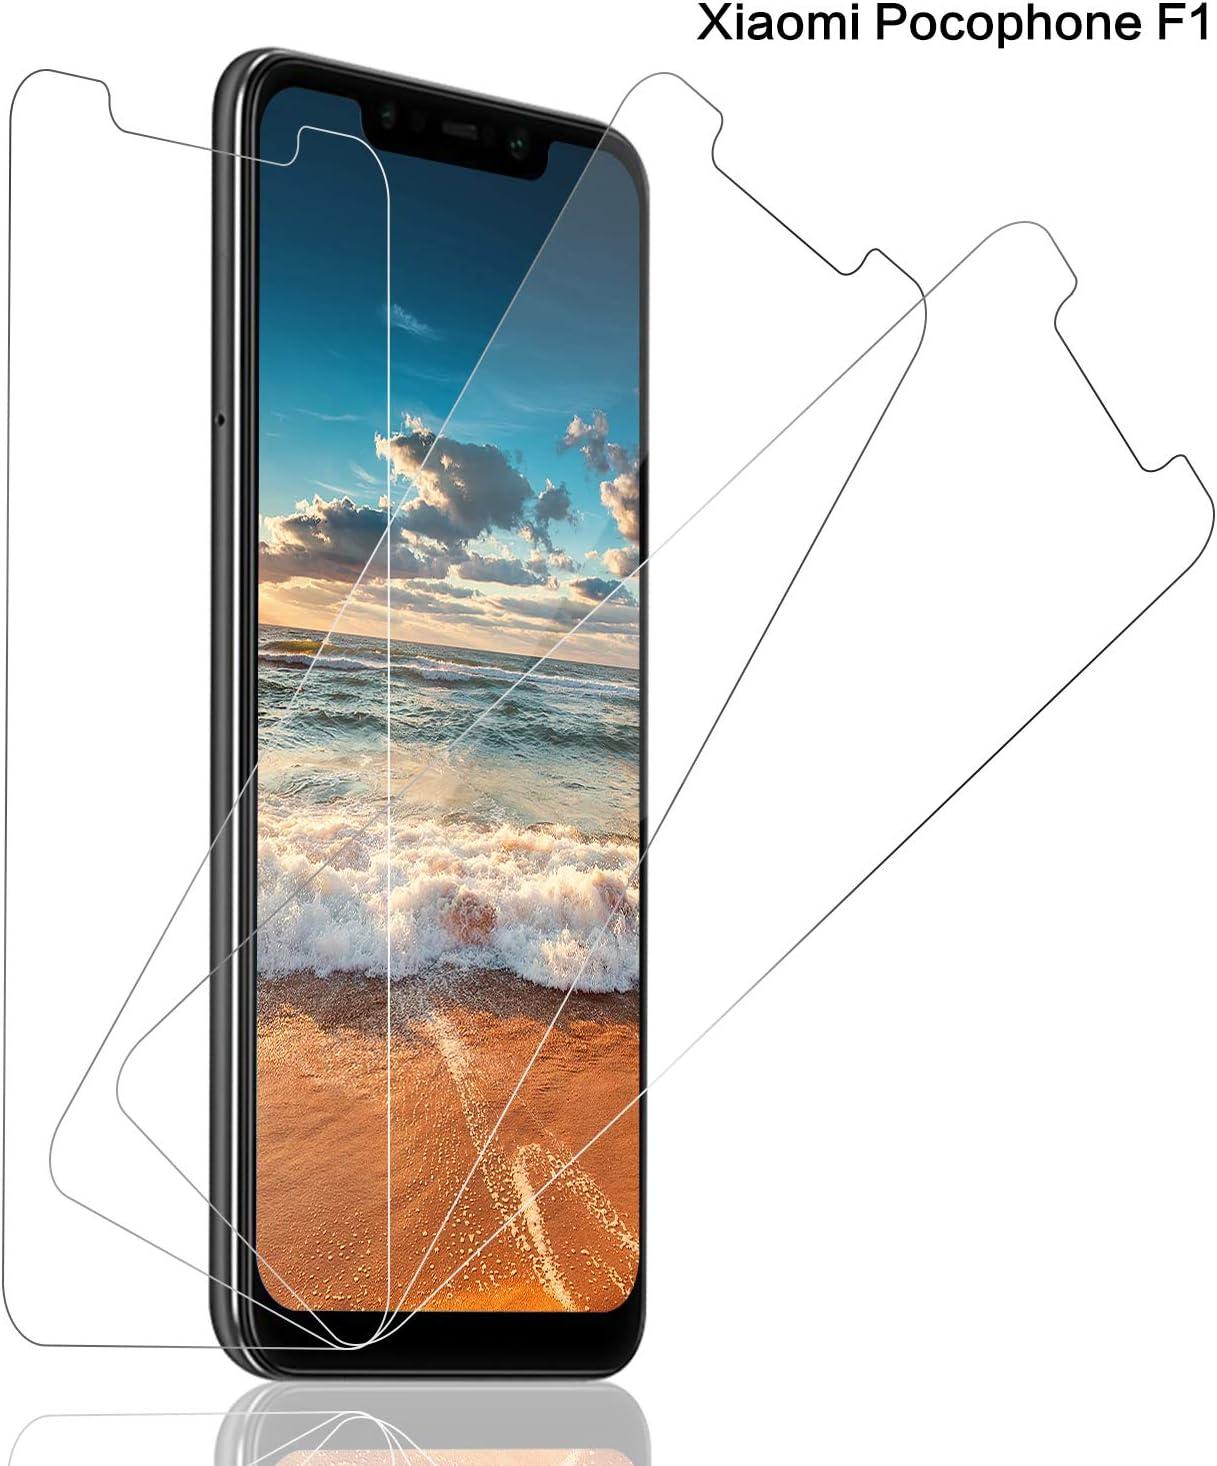 SNUNGPHIR® Cristal Templado Xiaomi Pocophone F1,[3-Pack] Protector Pantalla Xiaomi Pocophone F1 Cristal Templado [2.5d Borde Redondo][9H Dureza][Alta Definición][Anti-Arañazos][Anti-Huella Digital]: Amazon.es: Electrónica